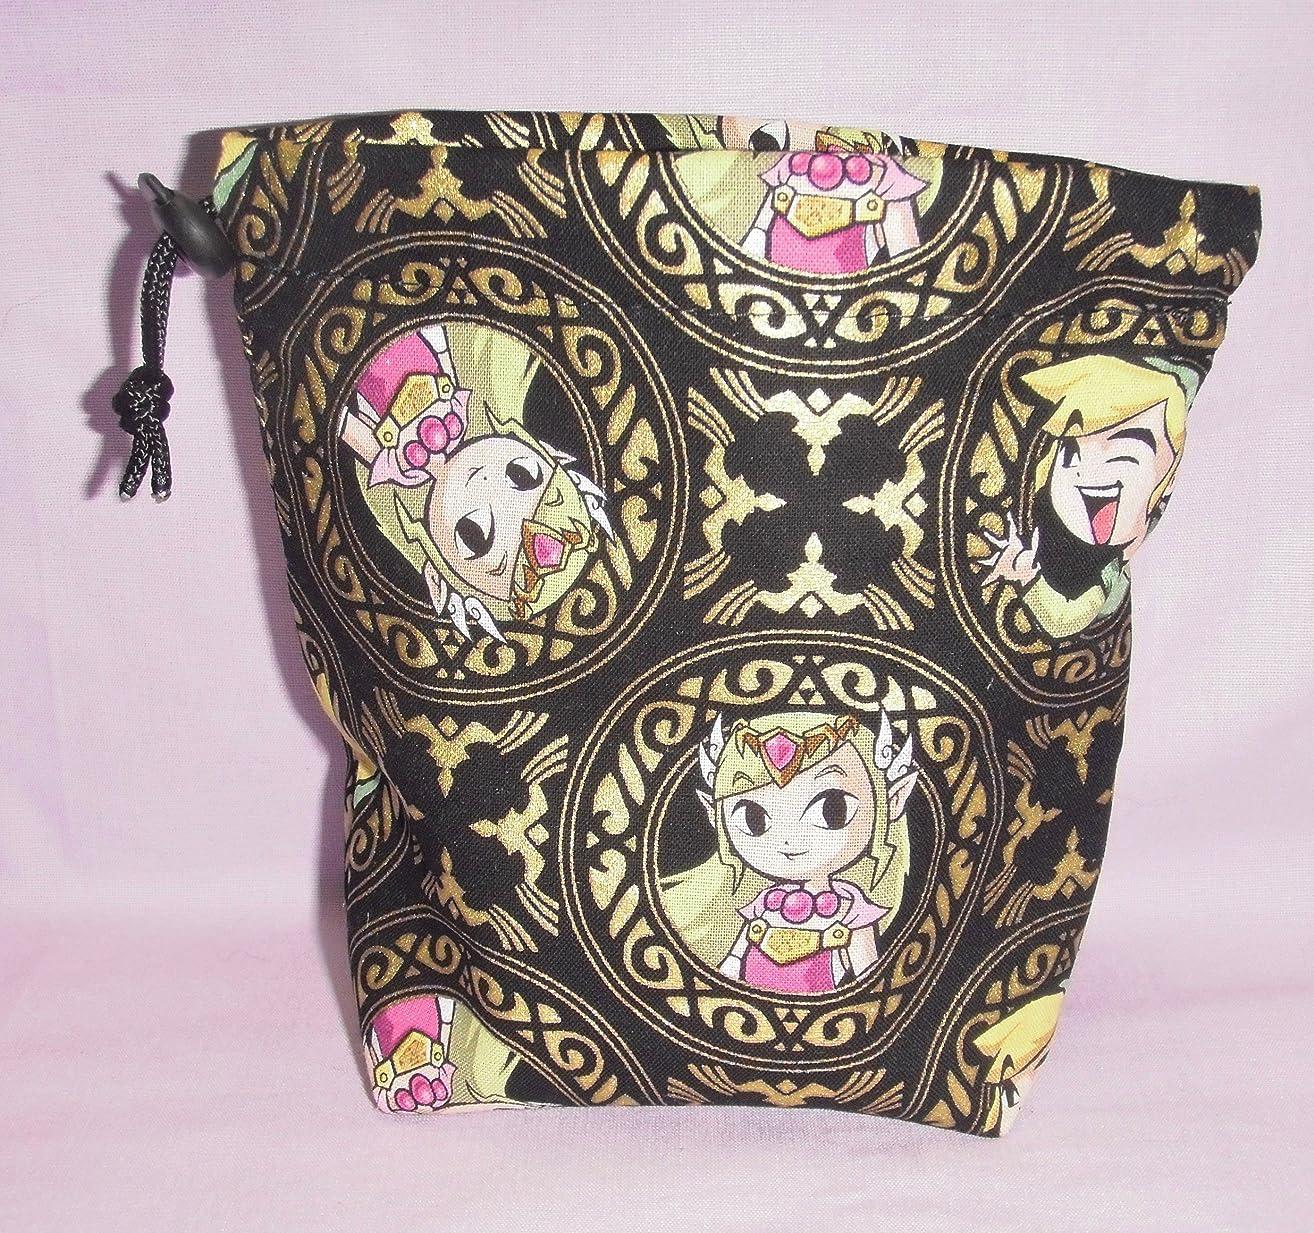 Legend of Zelda Link/Zelda Cloth Drawstring Dice Bag